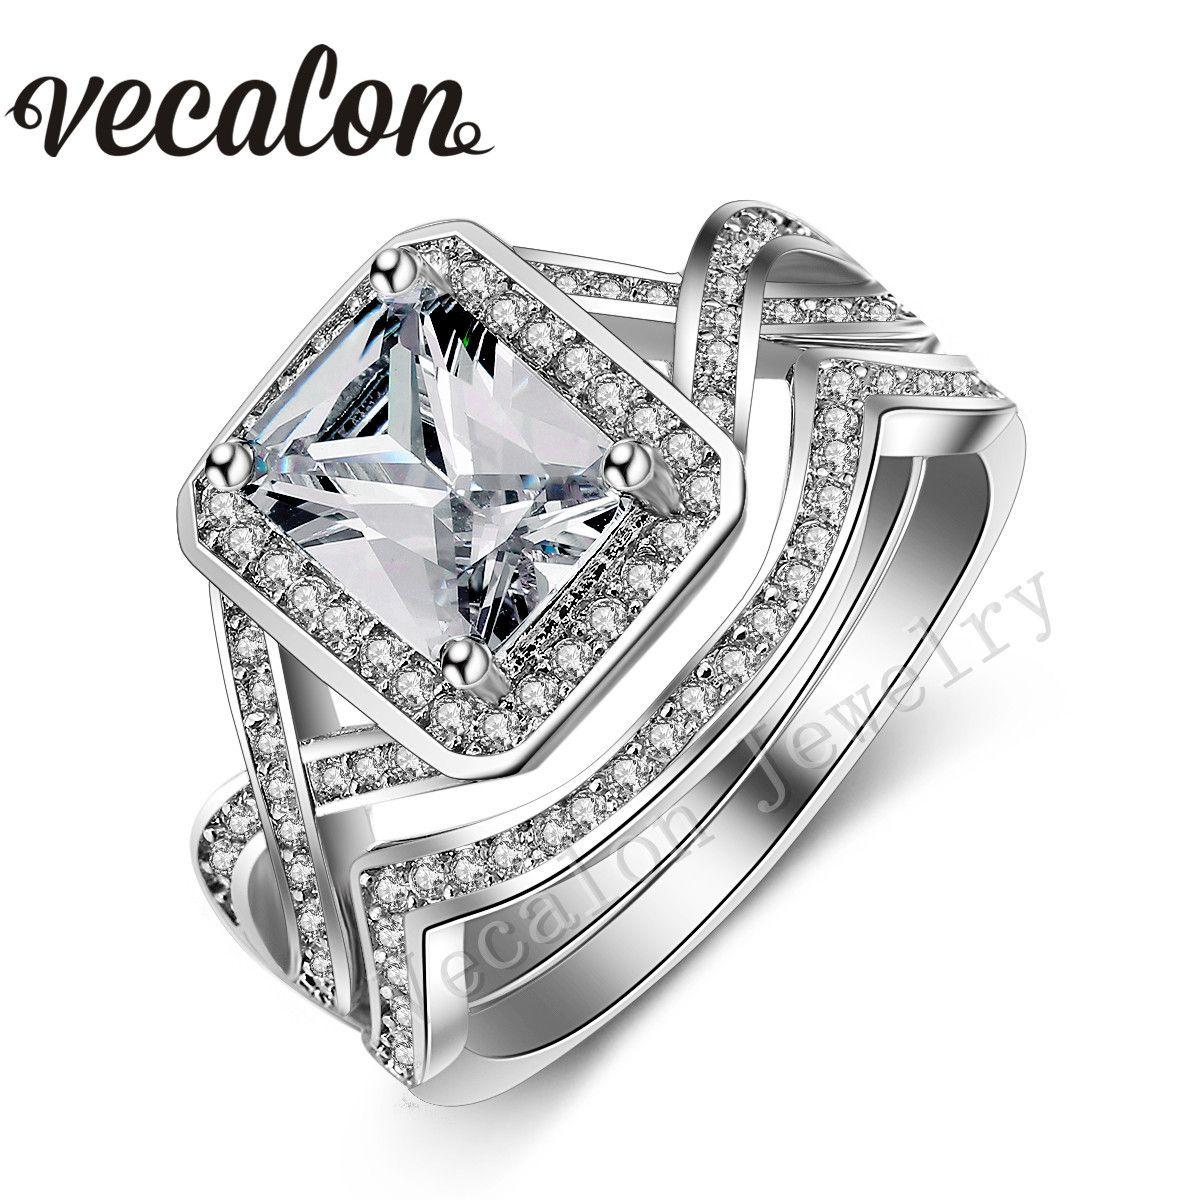 مجموعة خاتم الزواج من Vecalon للنساء الأميرة المقطوعة بقطع الألماس 4 قيراط من الذهب الأبيض عيار 10 قيراطًا